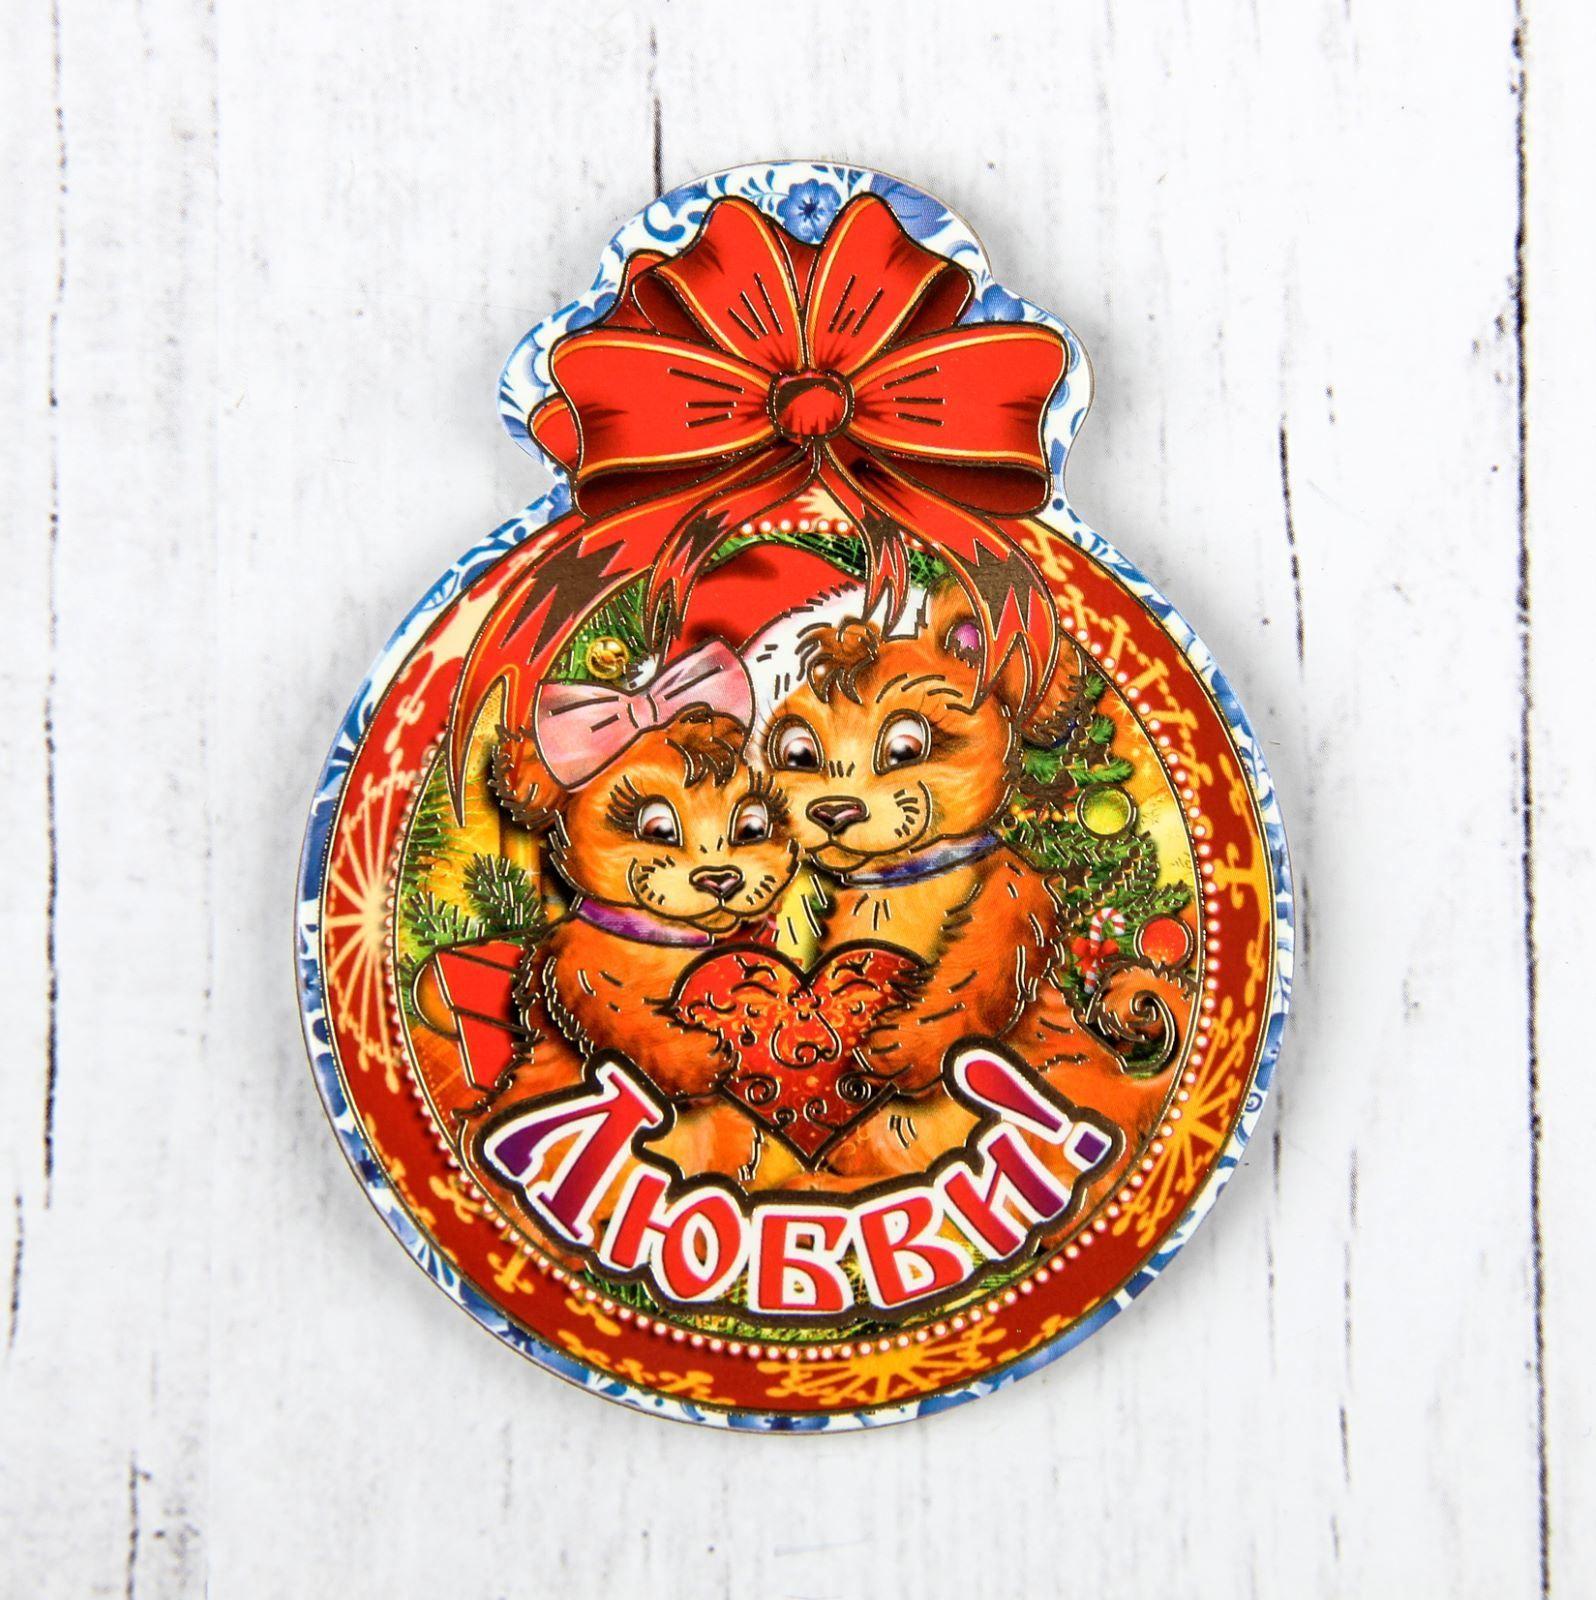 Магнит Sima-land Новогодний. 2018, 9,5 х 7,5 см. 25323822532382Порадуйте родных и близких оригинальным сувениром: преподнесите в подарок магнит. С ним даже самый серьезный человек почувствует себя ребенком, ожидающим чудо! Прикрепите его к любой металлической поверхности, и он удержит на виду важные записки, любовные послания или просто список продуктов.Создайте праздничное настроение, и оно останется с вами на весь год.